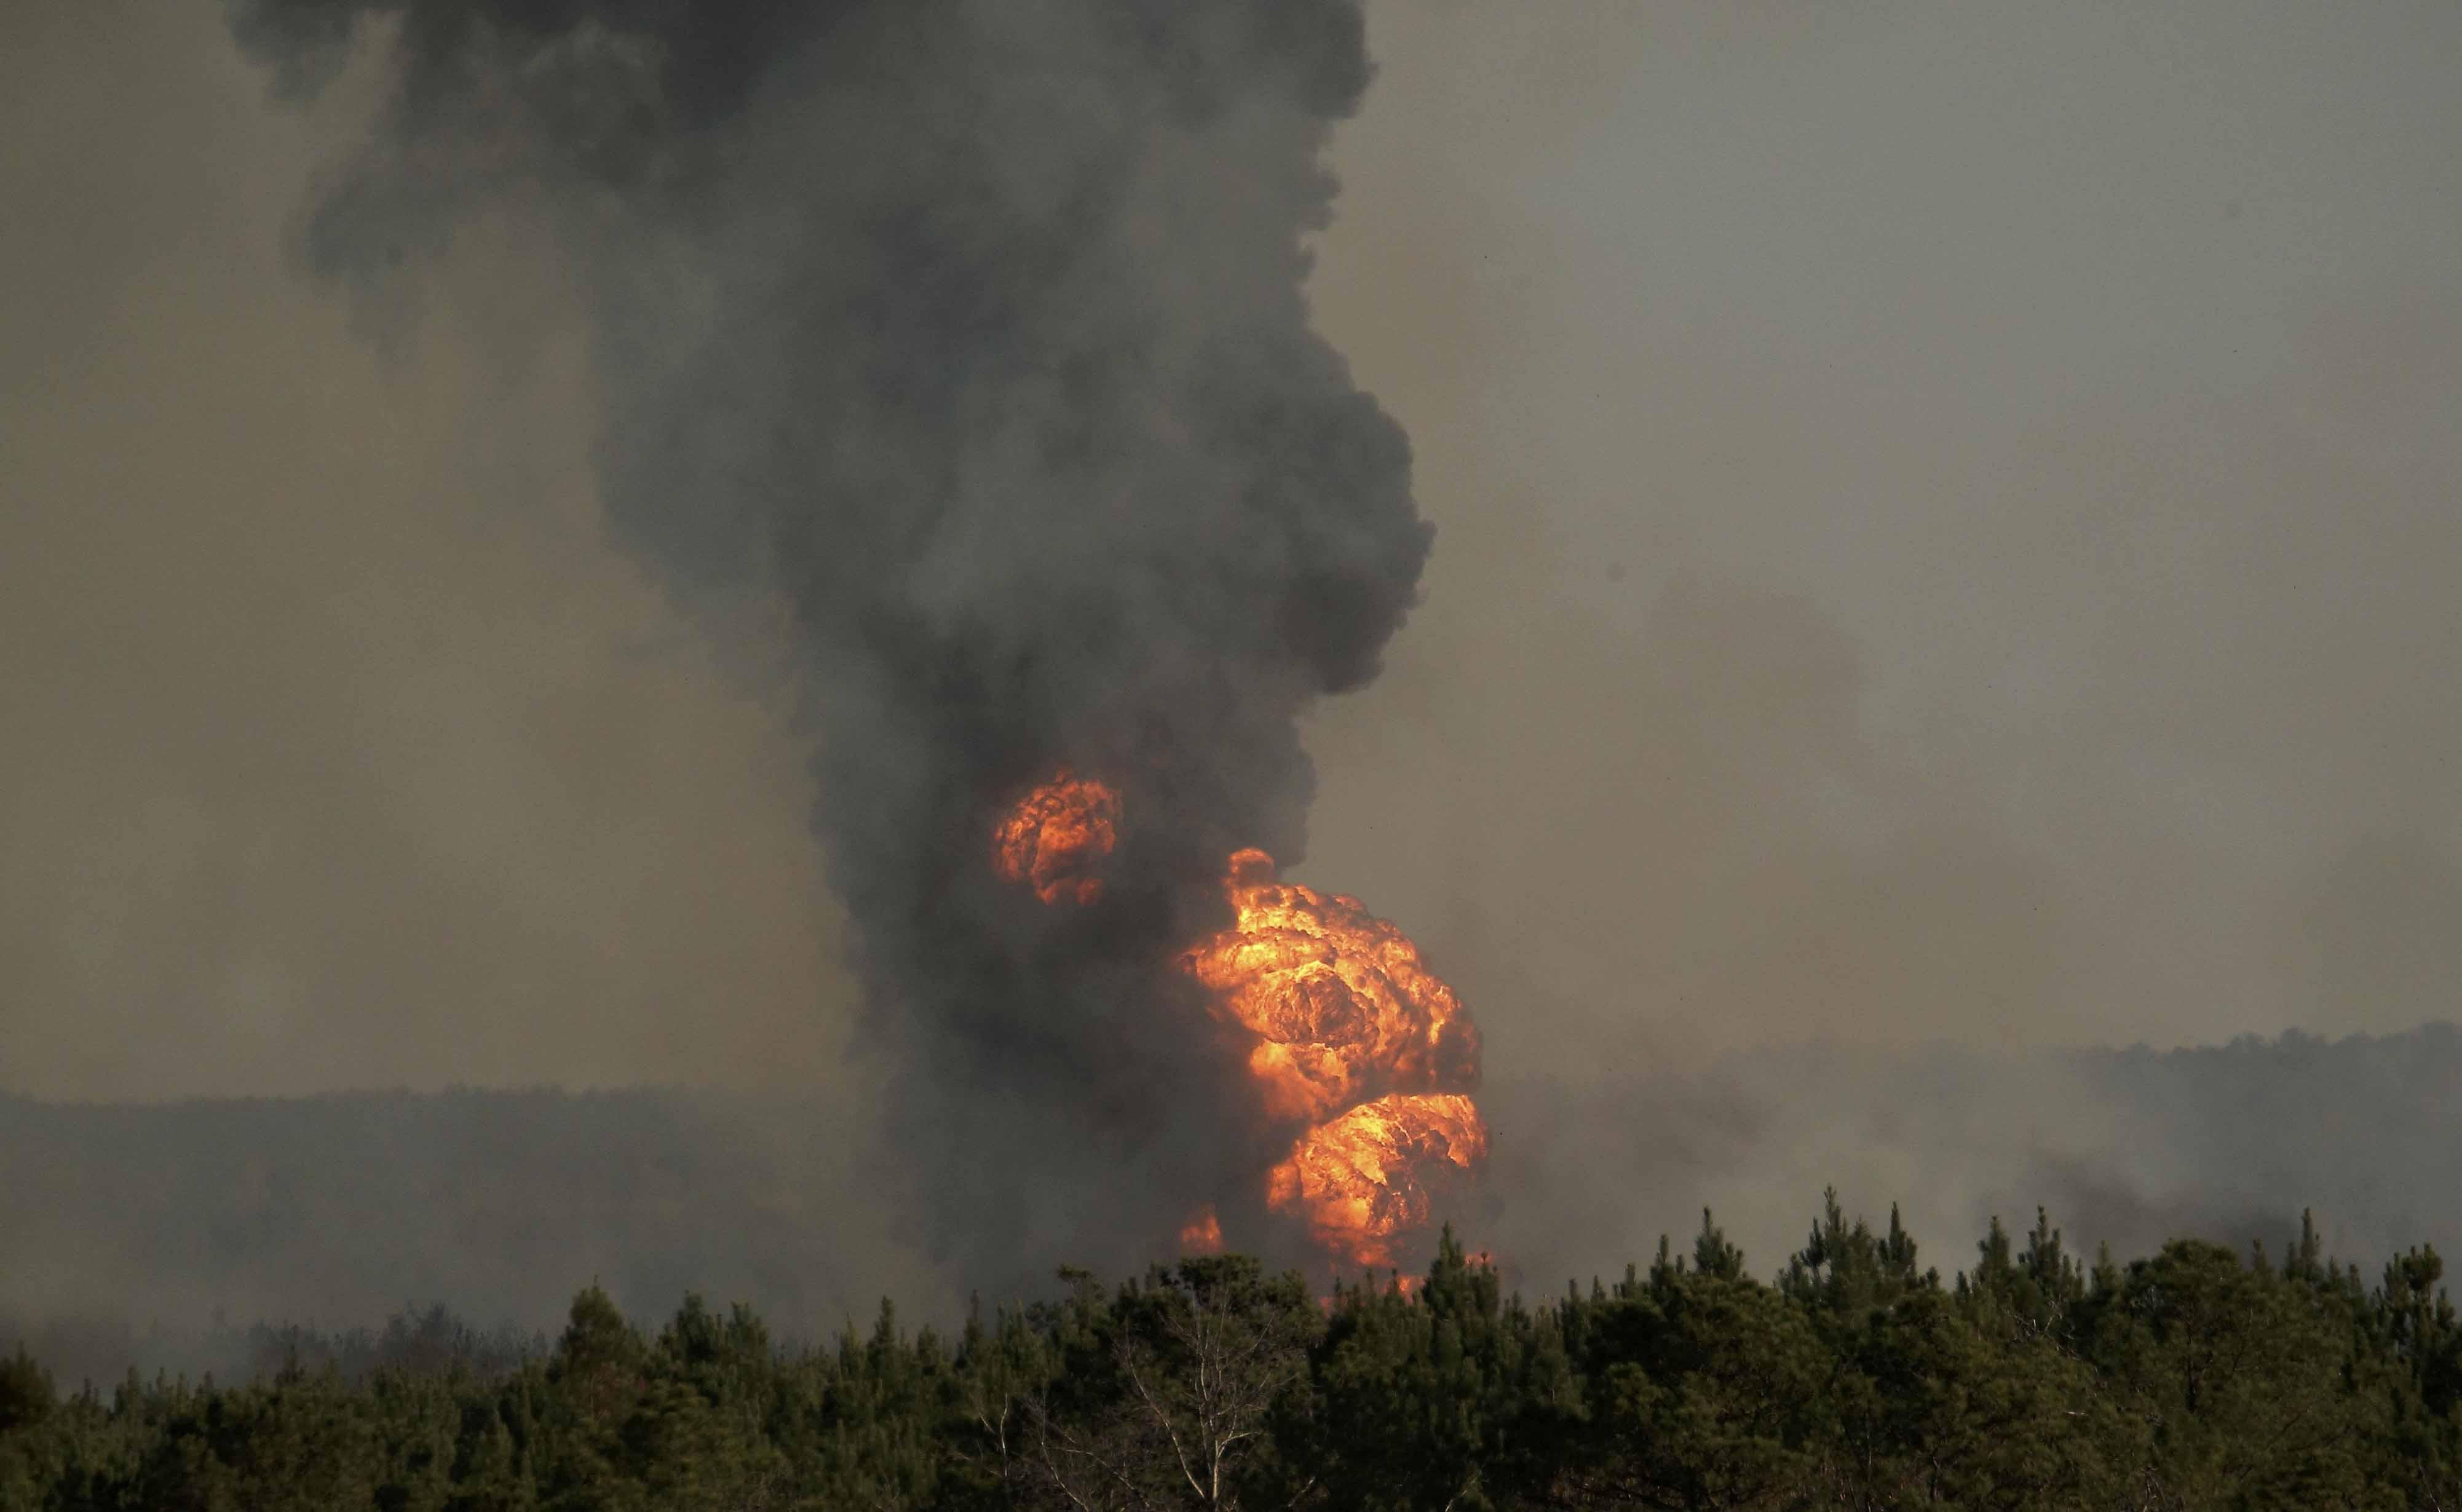 El incidente ocurrido en el estado de Alabama, que dejó además 5 heridos, llevó a las autoridades a declarar estado de emergencia